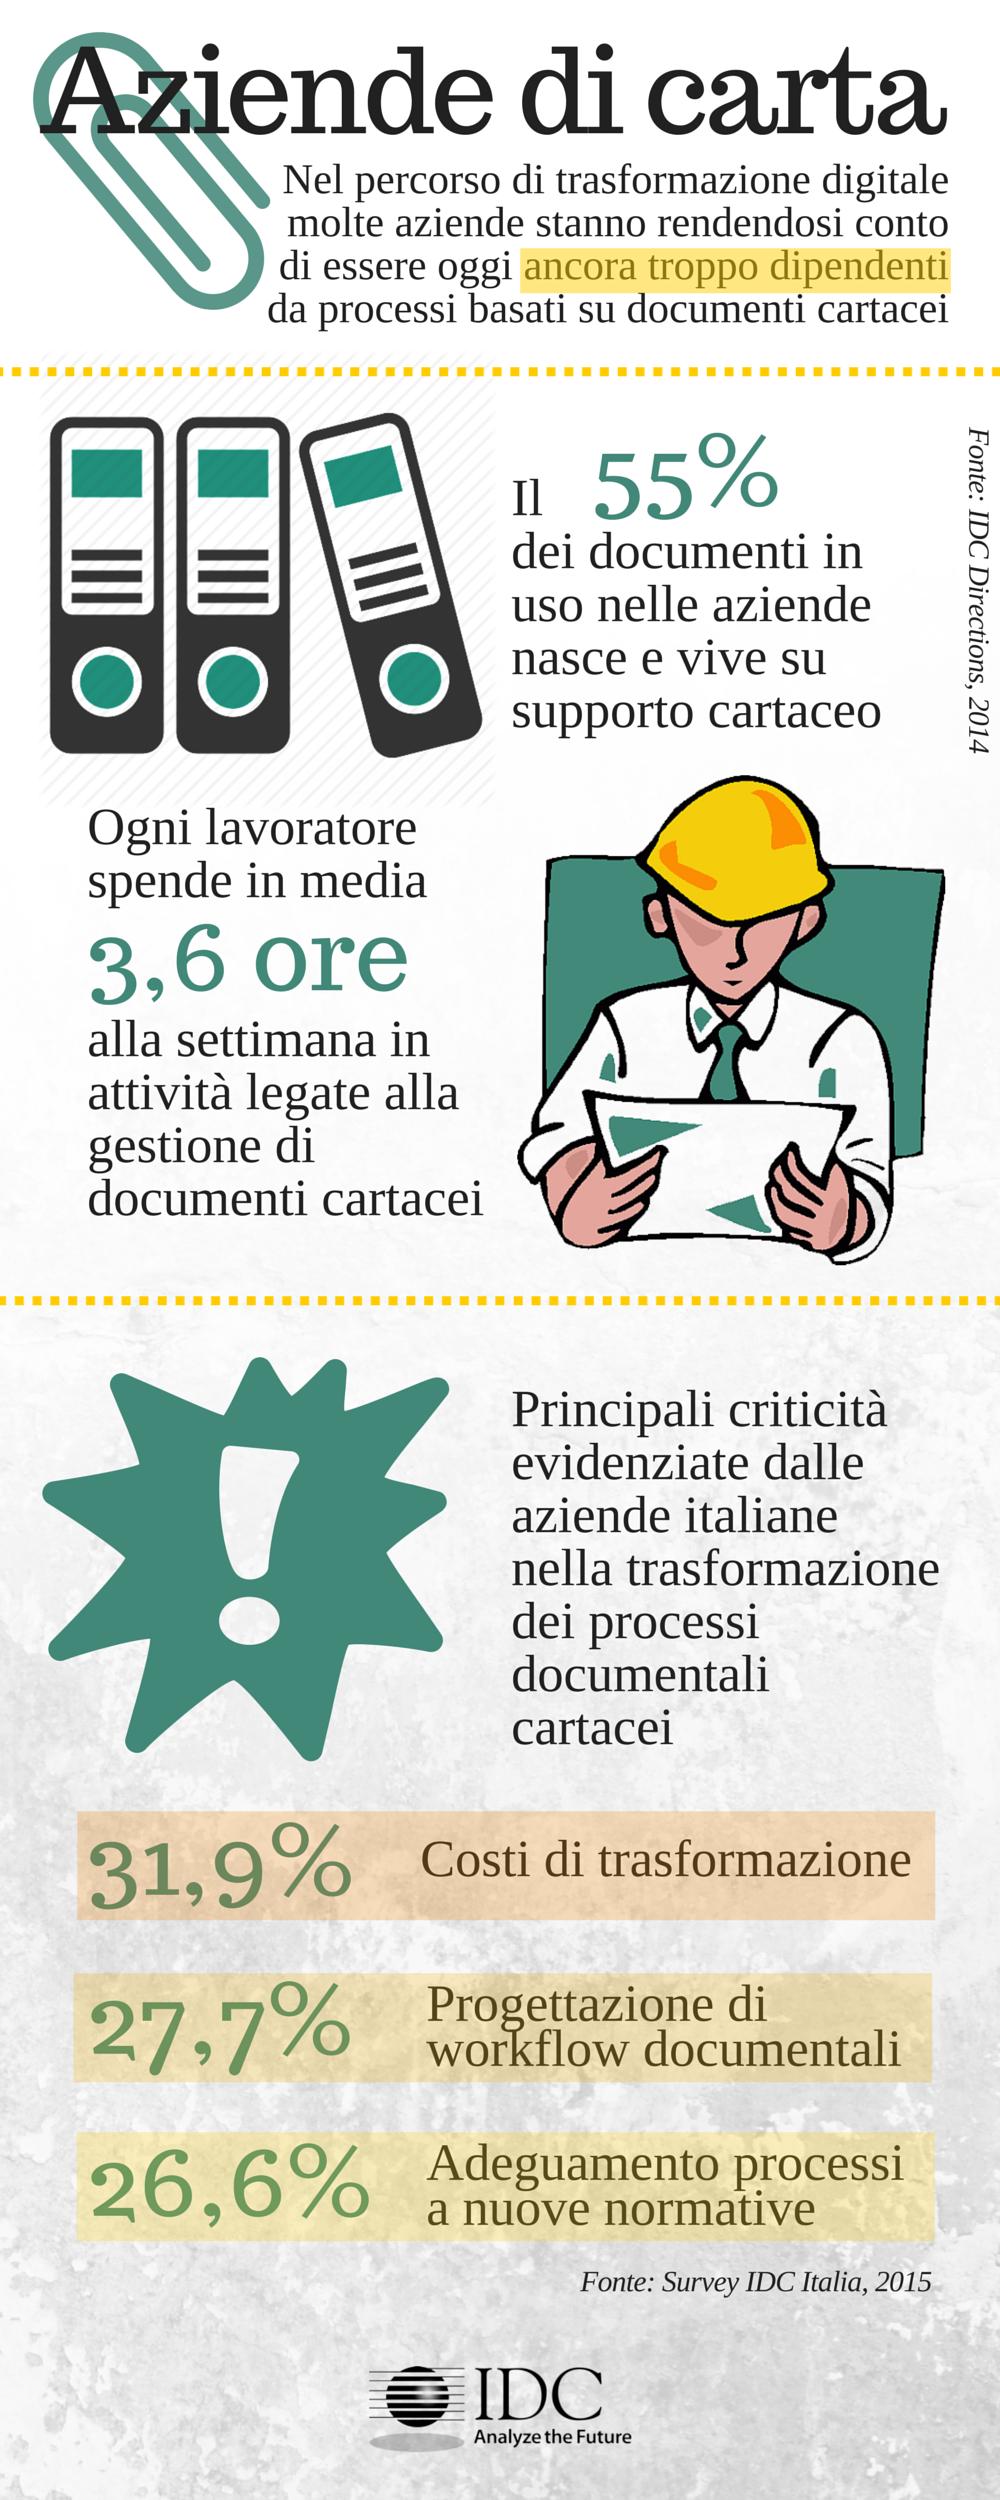 italy_infografica_aziende_di_carta